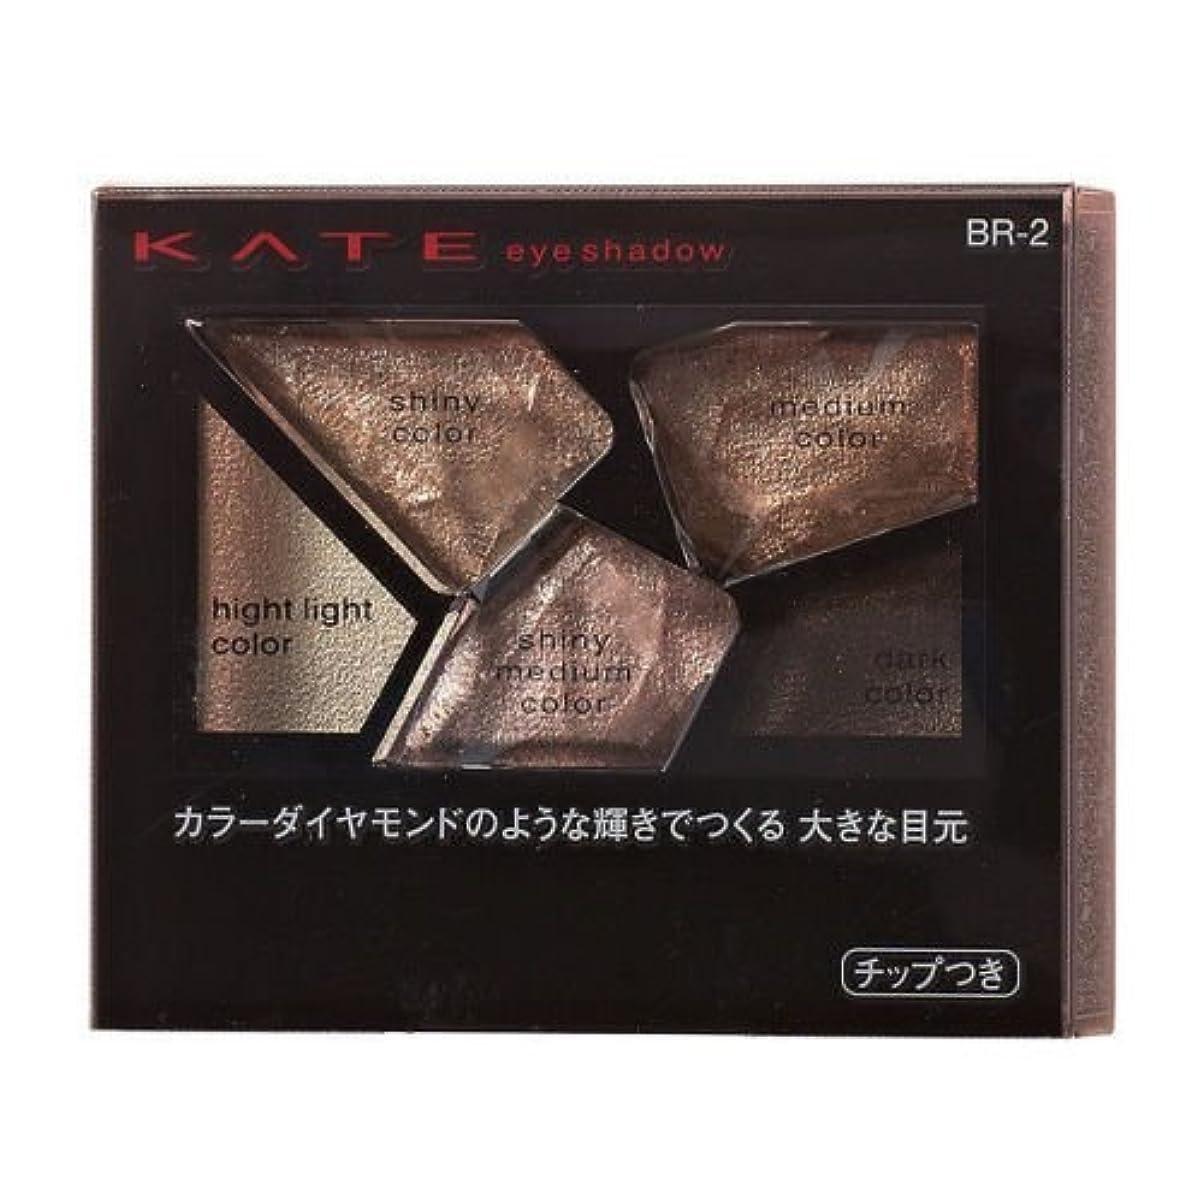 高度な自分自身複合【カネボウ】ケイト カラーシャスダイヤモンド #BR-2 2.8g